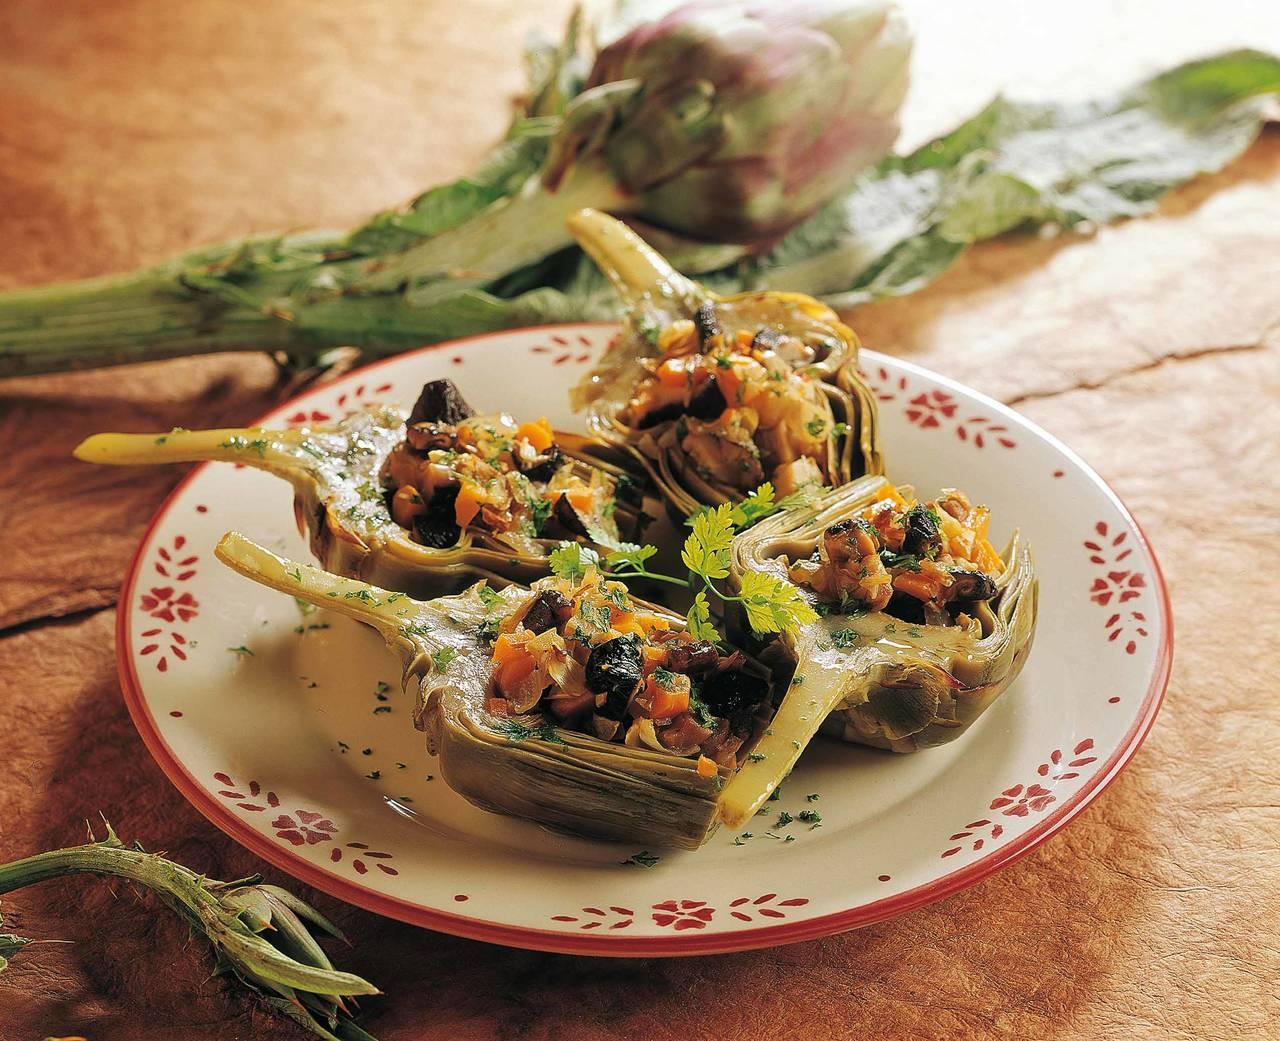 Carciofi ripieni di verdure - Cucina Naturale